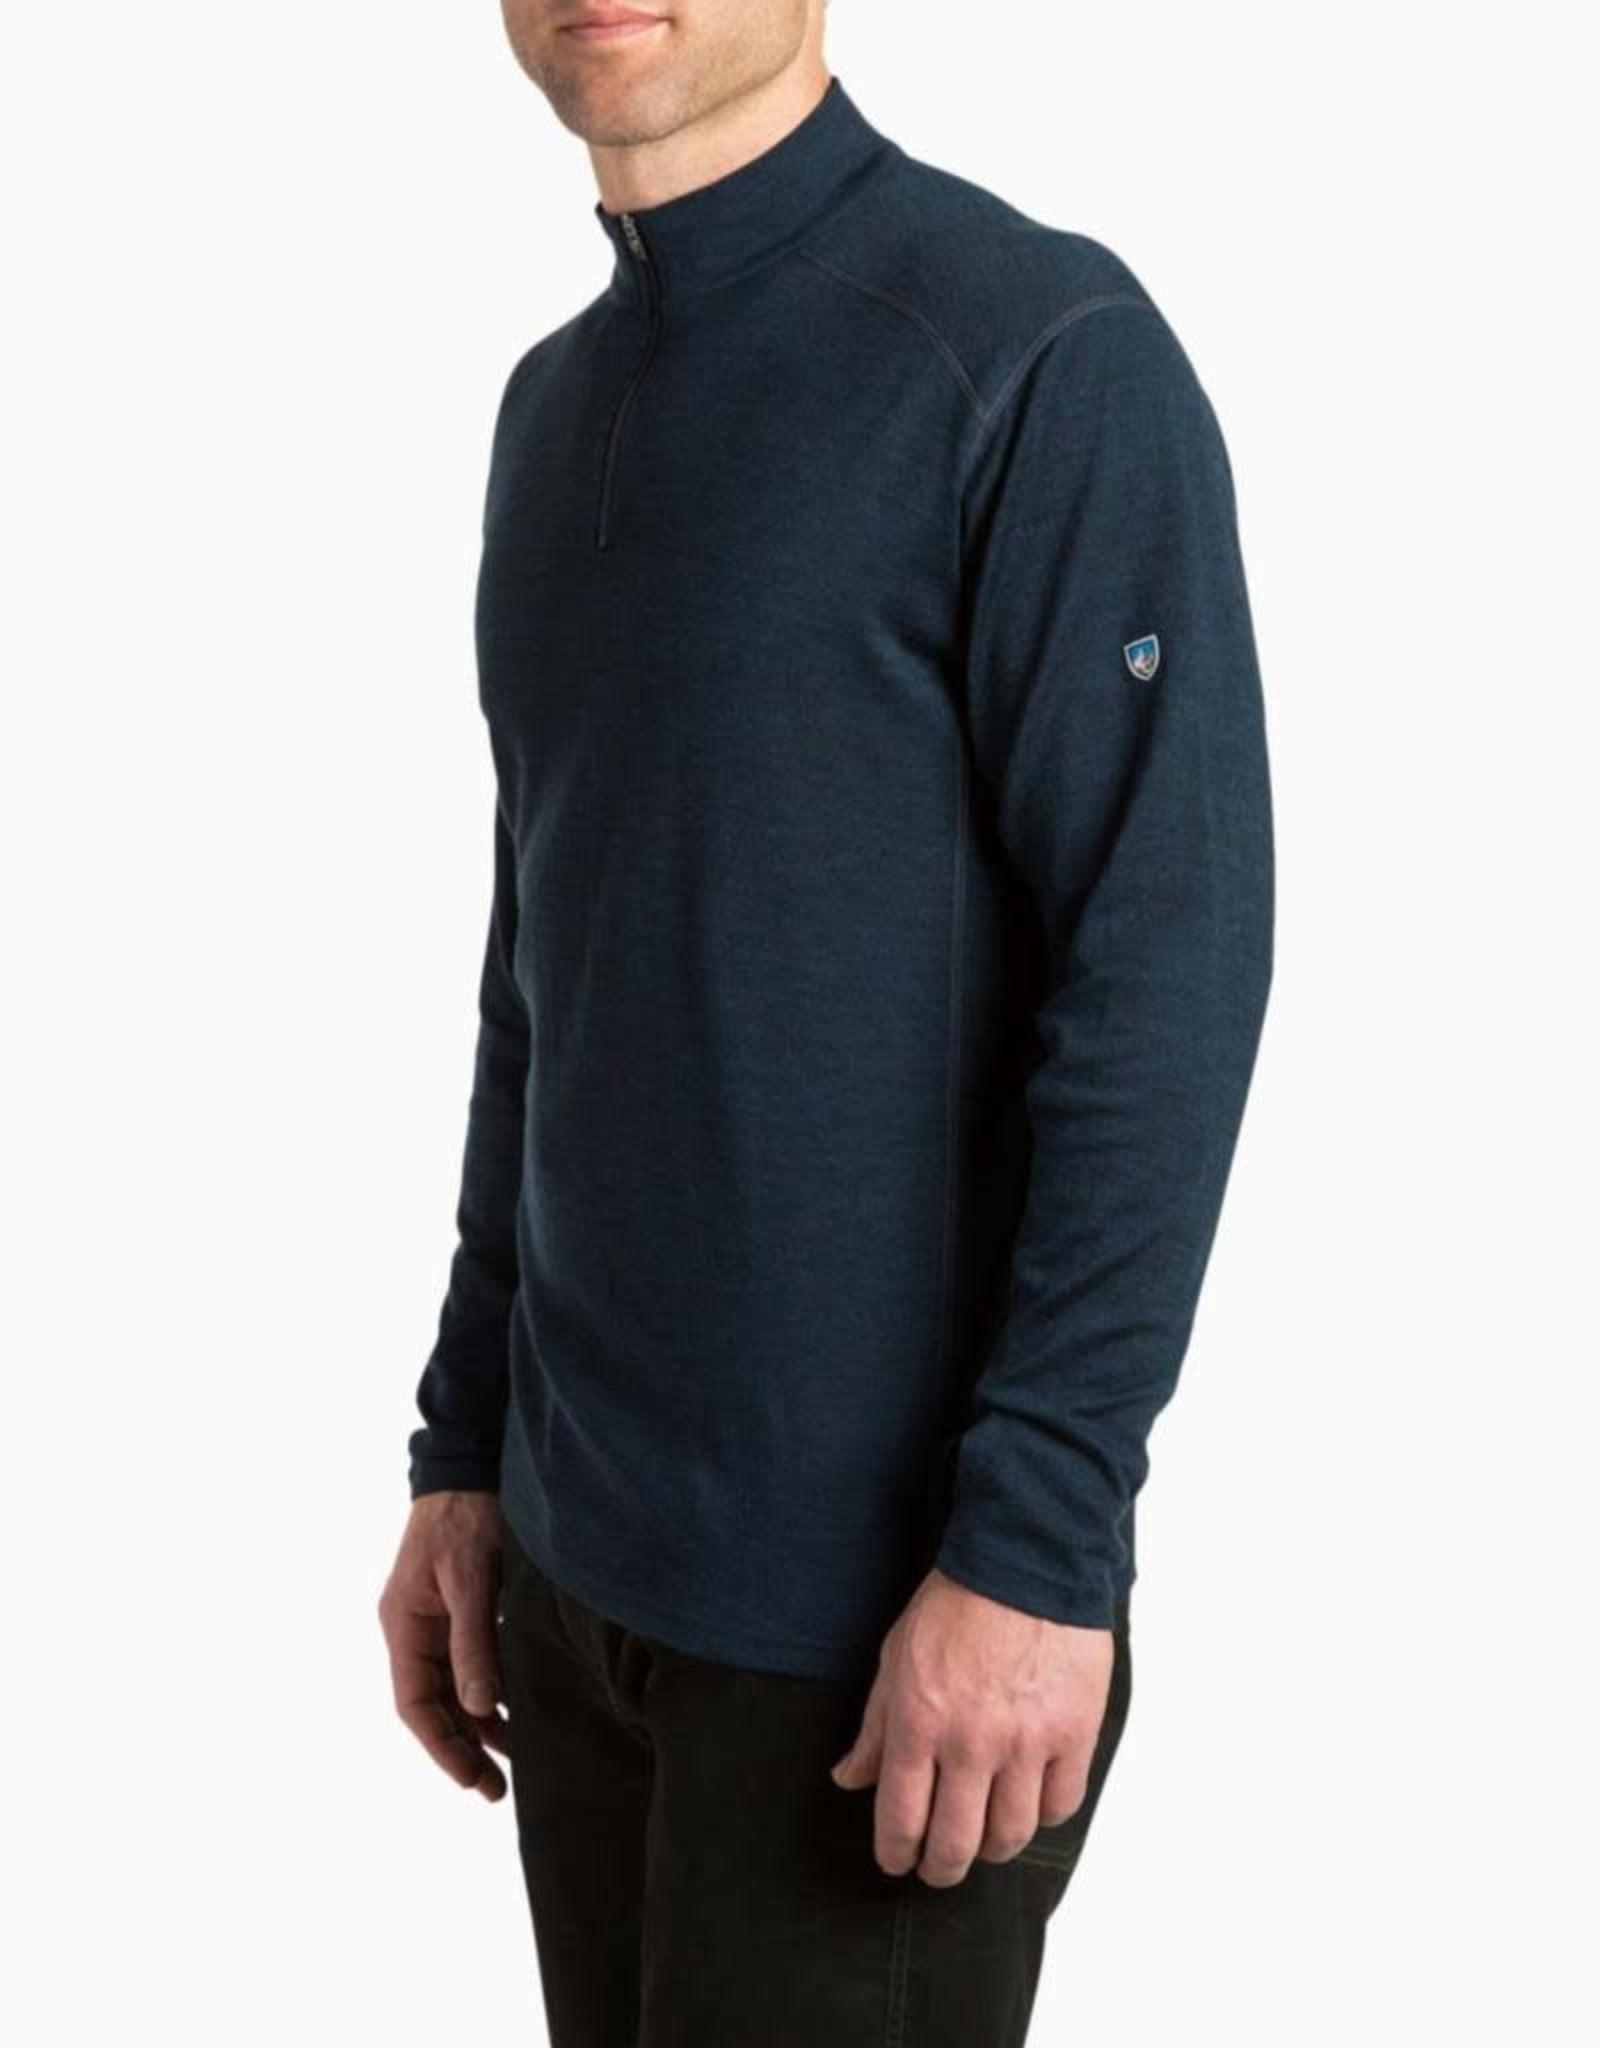 KUHL Men's Skar 1/4 Zip Sweater